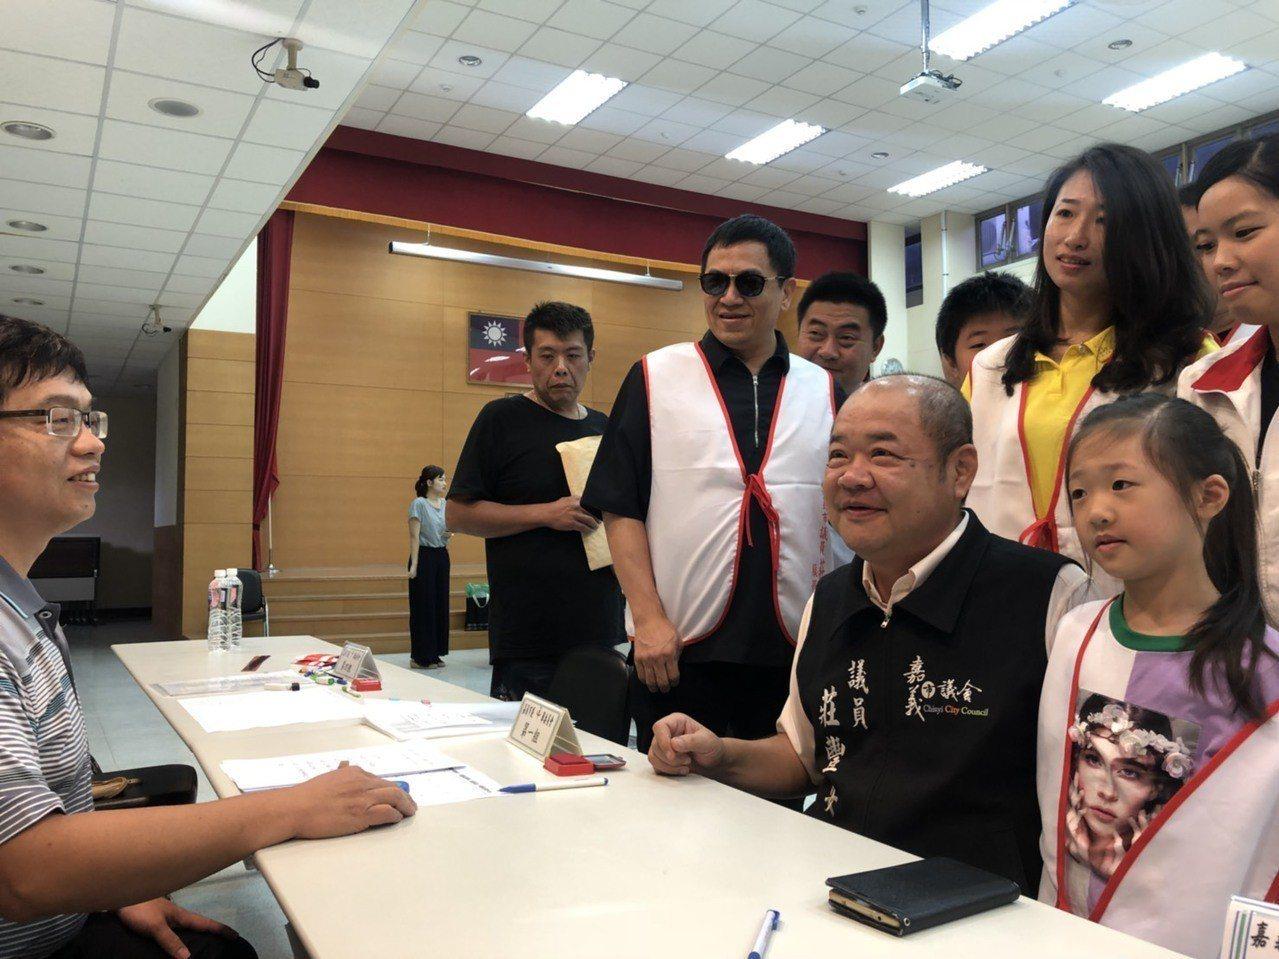 無黨籍議員莊豐安隸屬泛綠、台灣隊,是呼聲相當高的議長人選,但莊態度低調,未明確表...